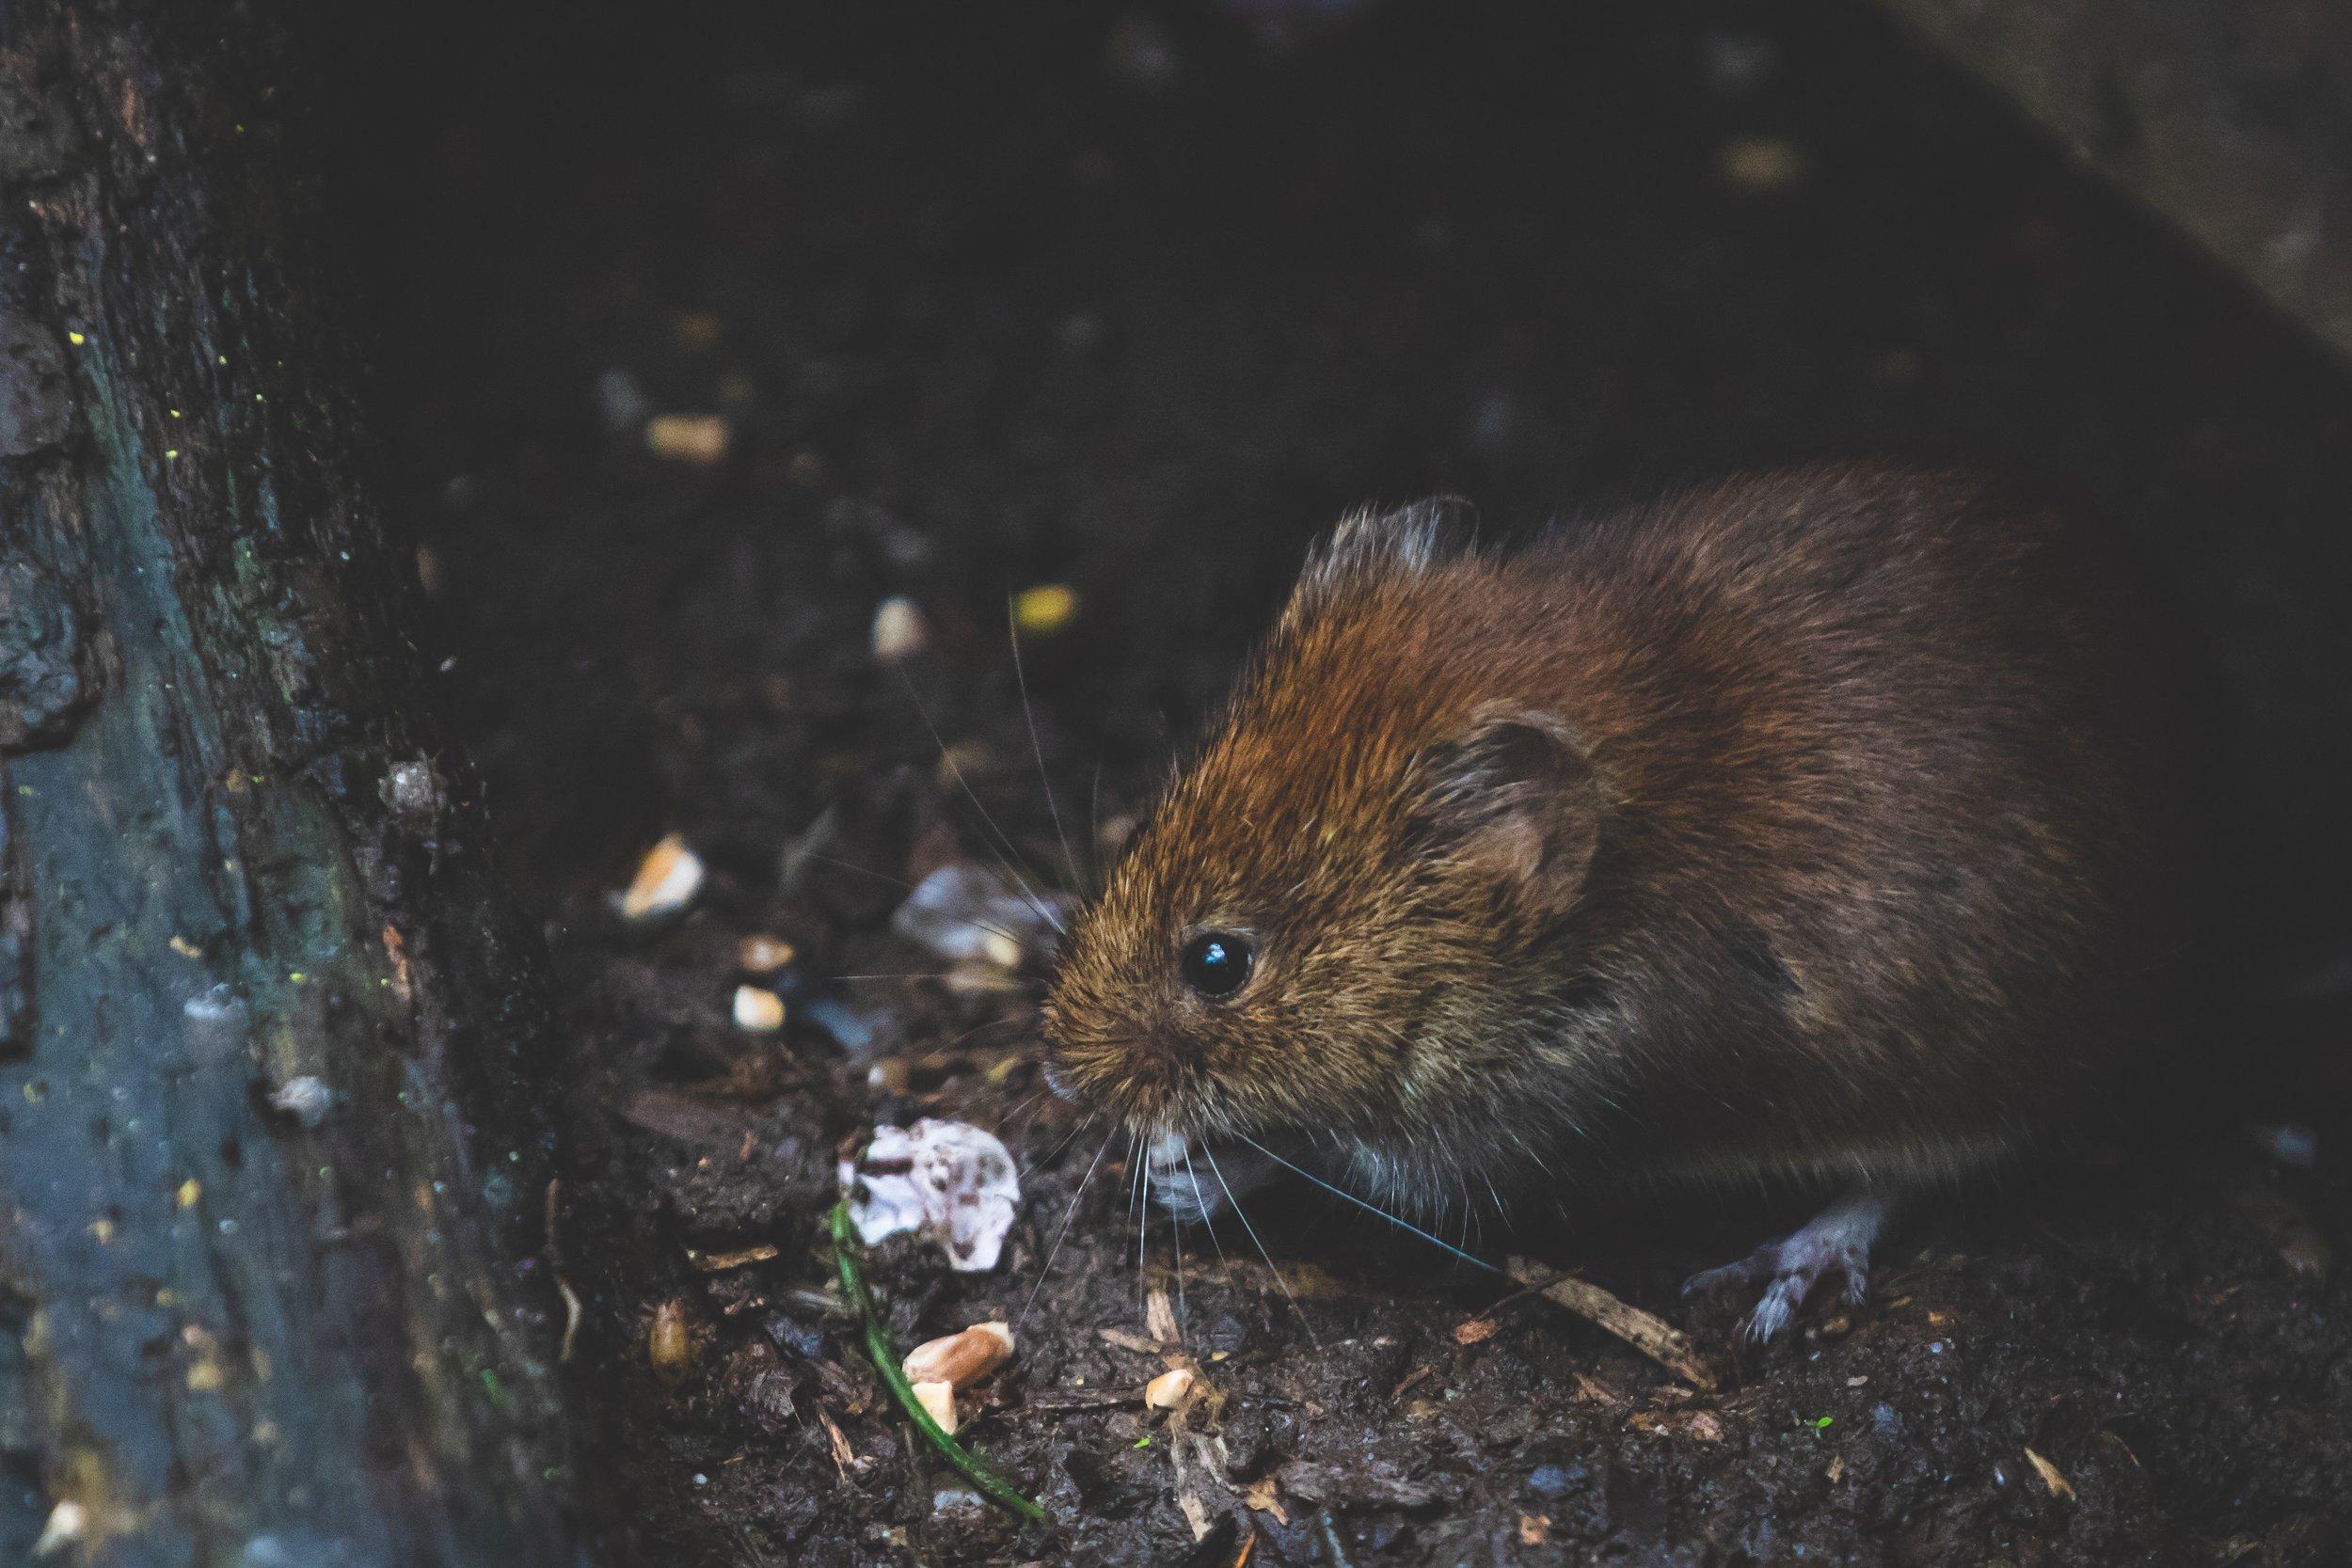 animal-bank-vole-blur-1010267.jpg